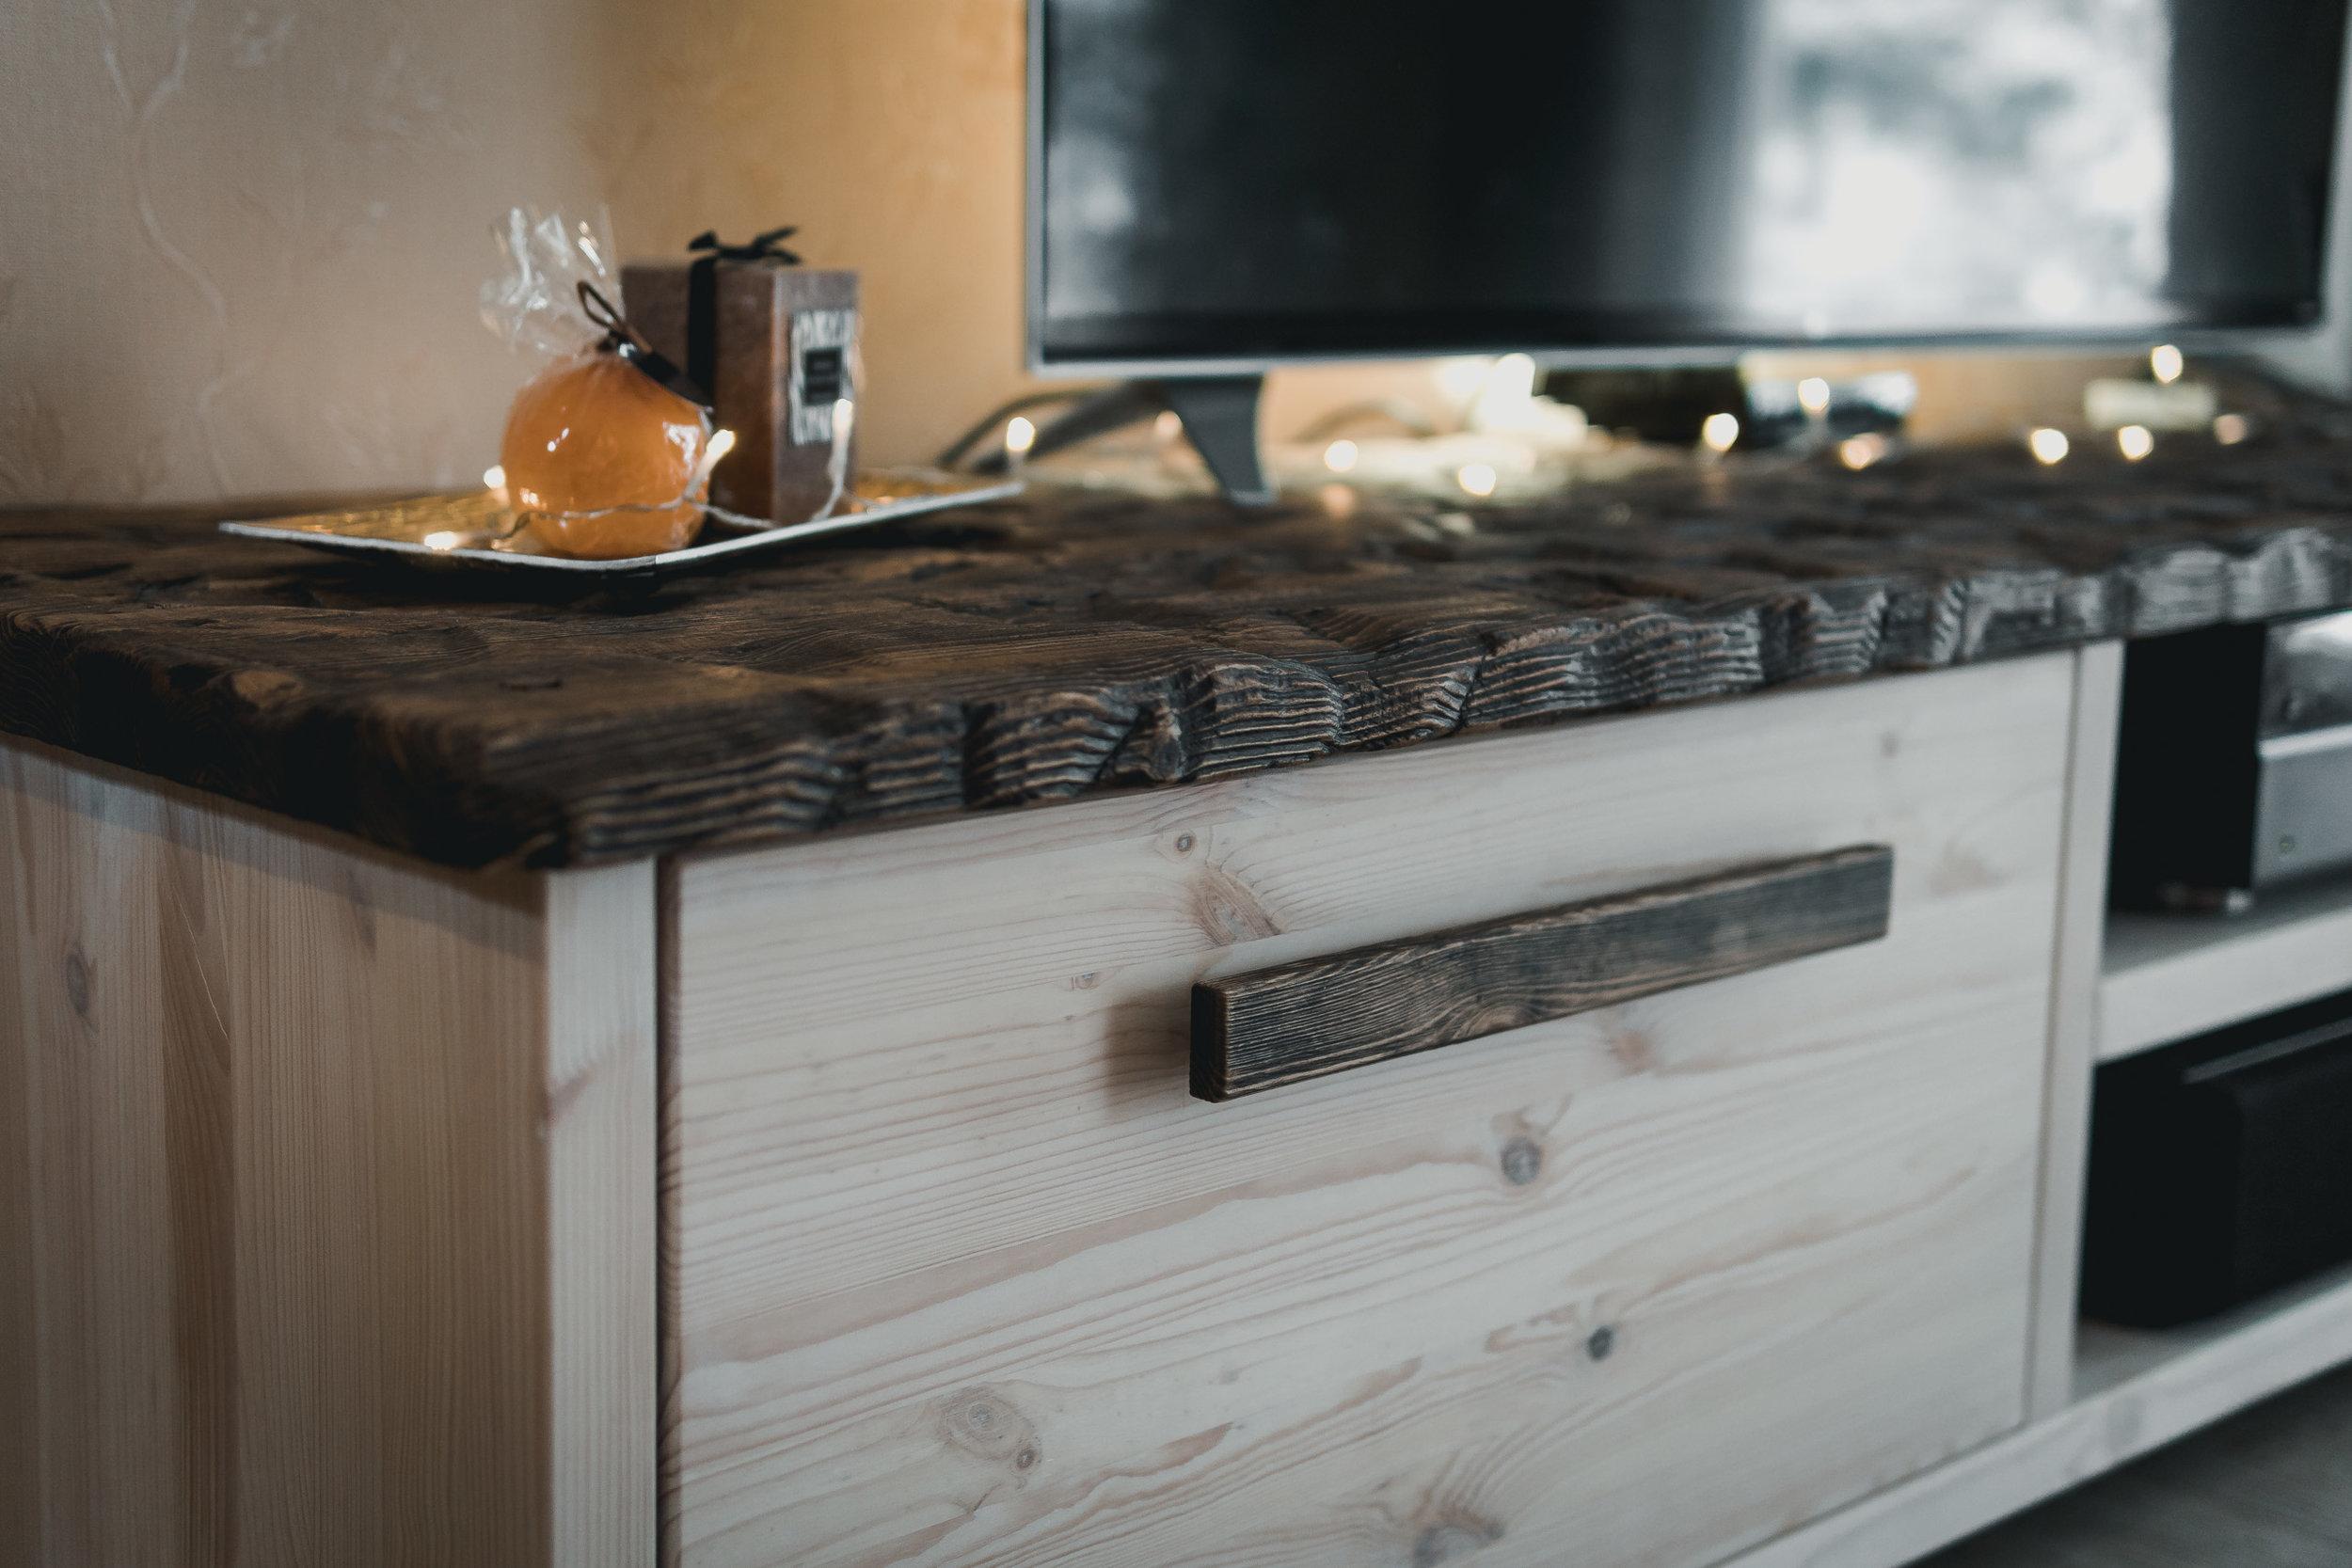 RWood-kapp-handmade-wood-furniture-vanutatud-vana-puit-4.jpg